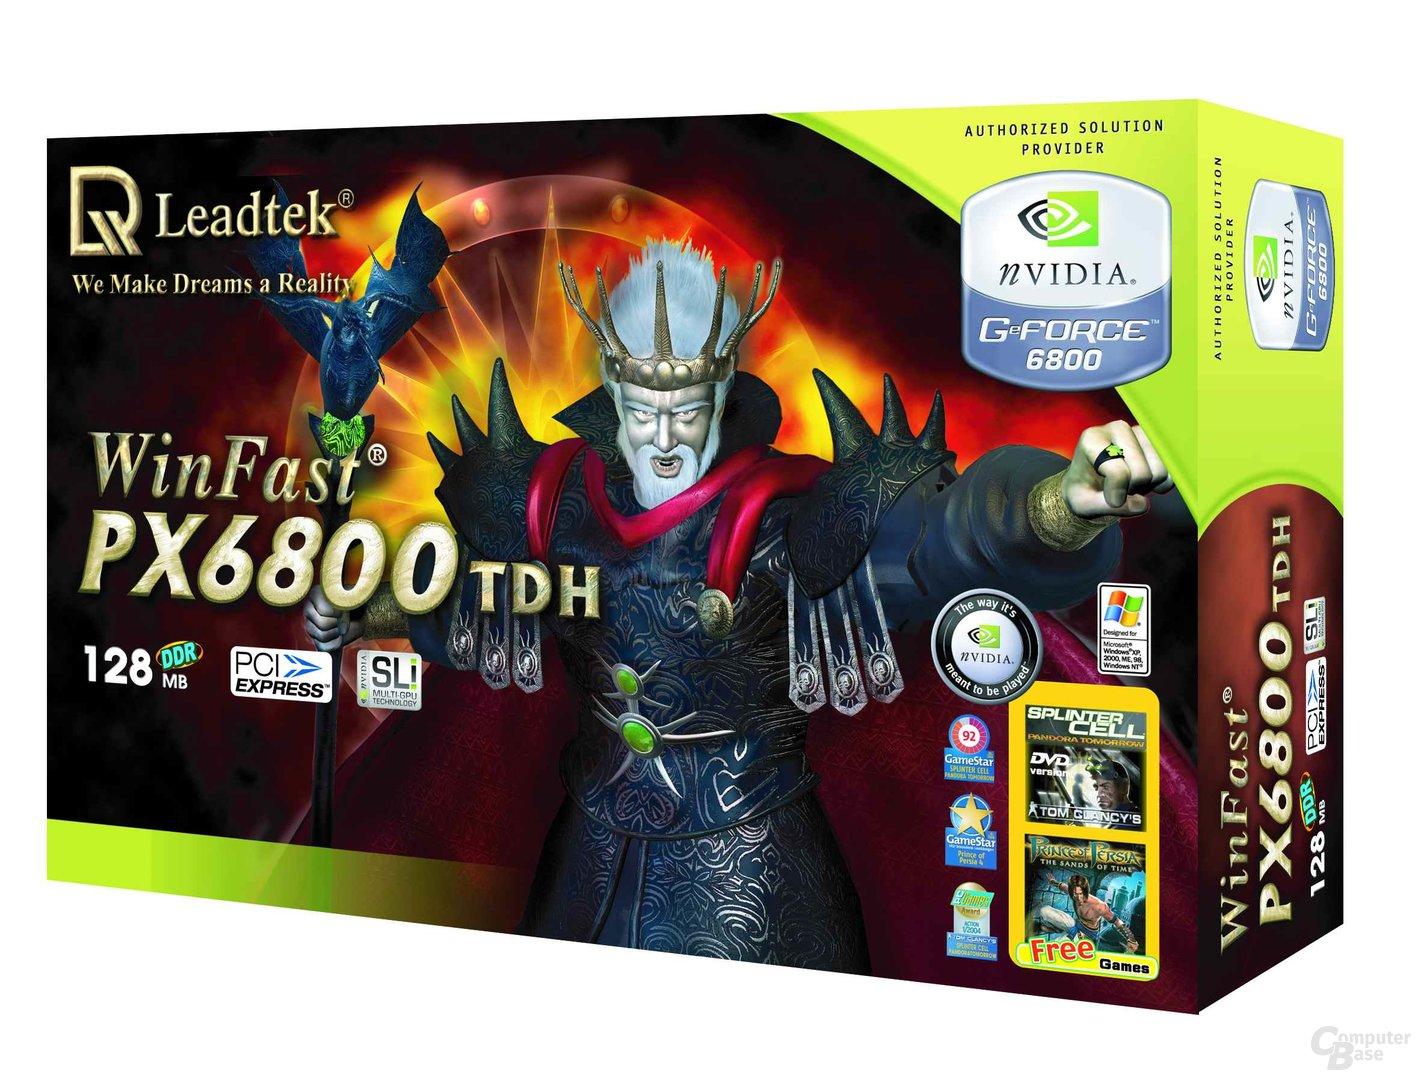 Leadtek WinFast PX6800TDH